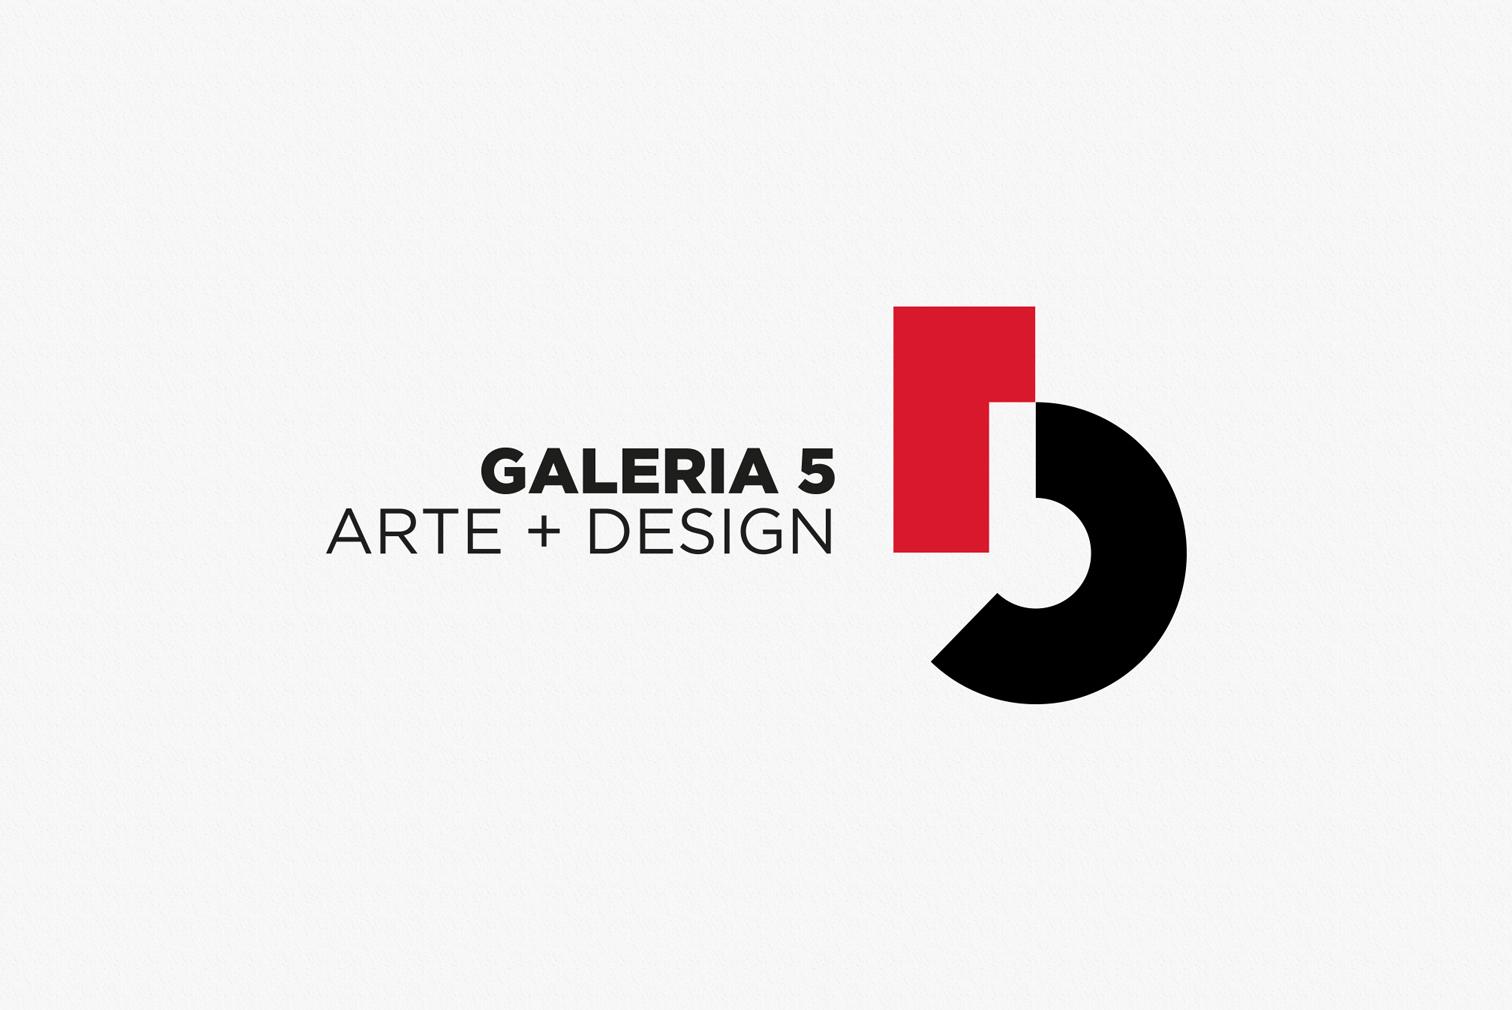 Galeria 5-logotipo